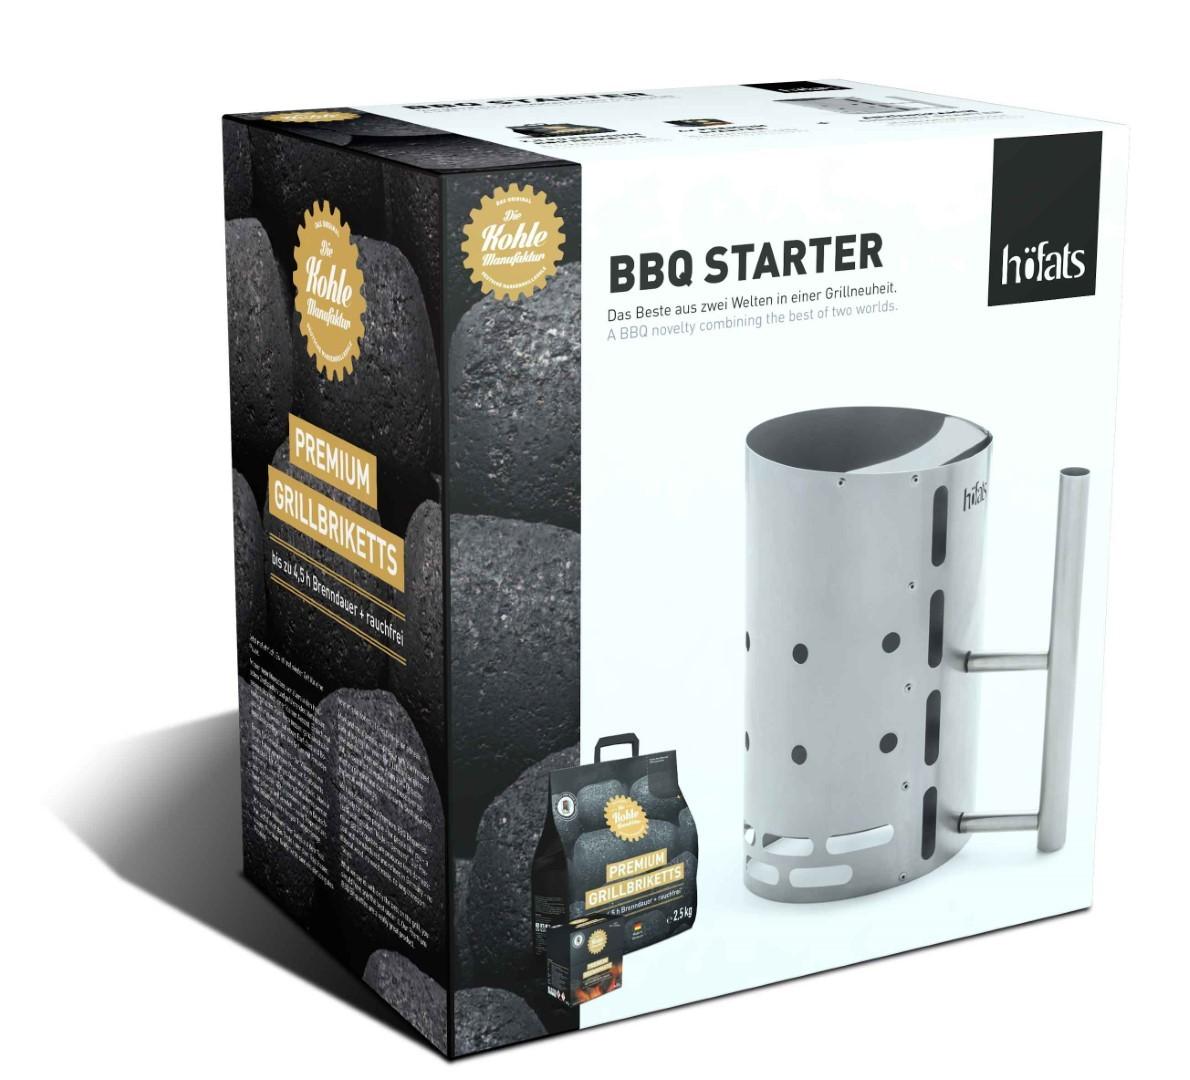 BBQ Starter Inox met briket en brandpasta